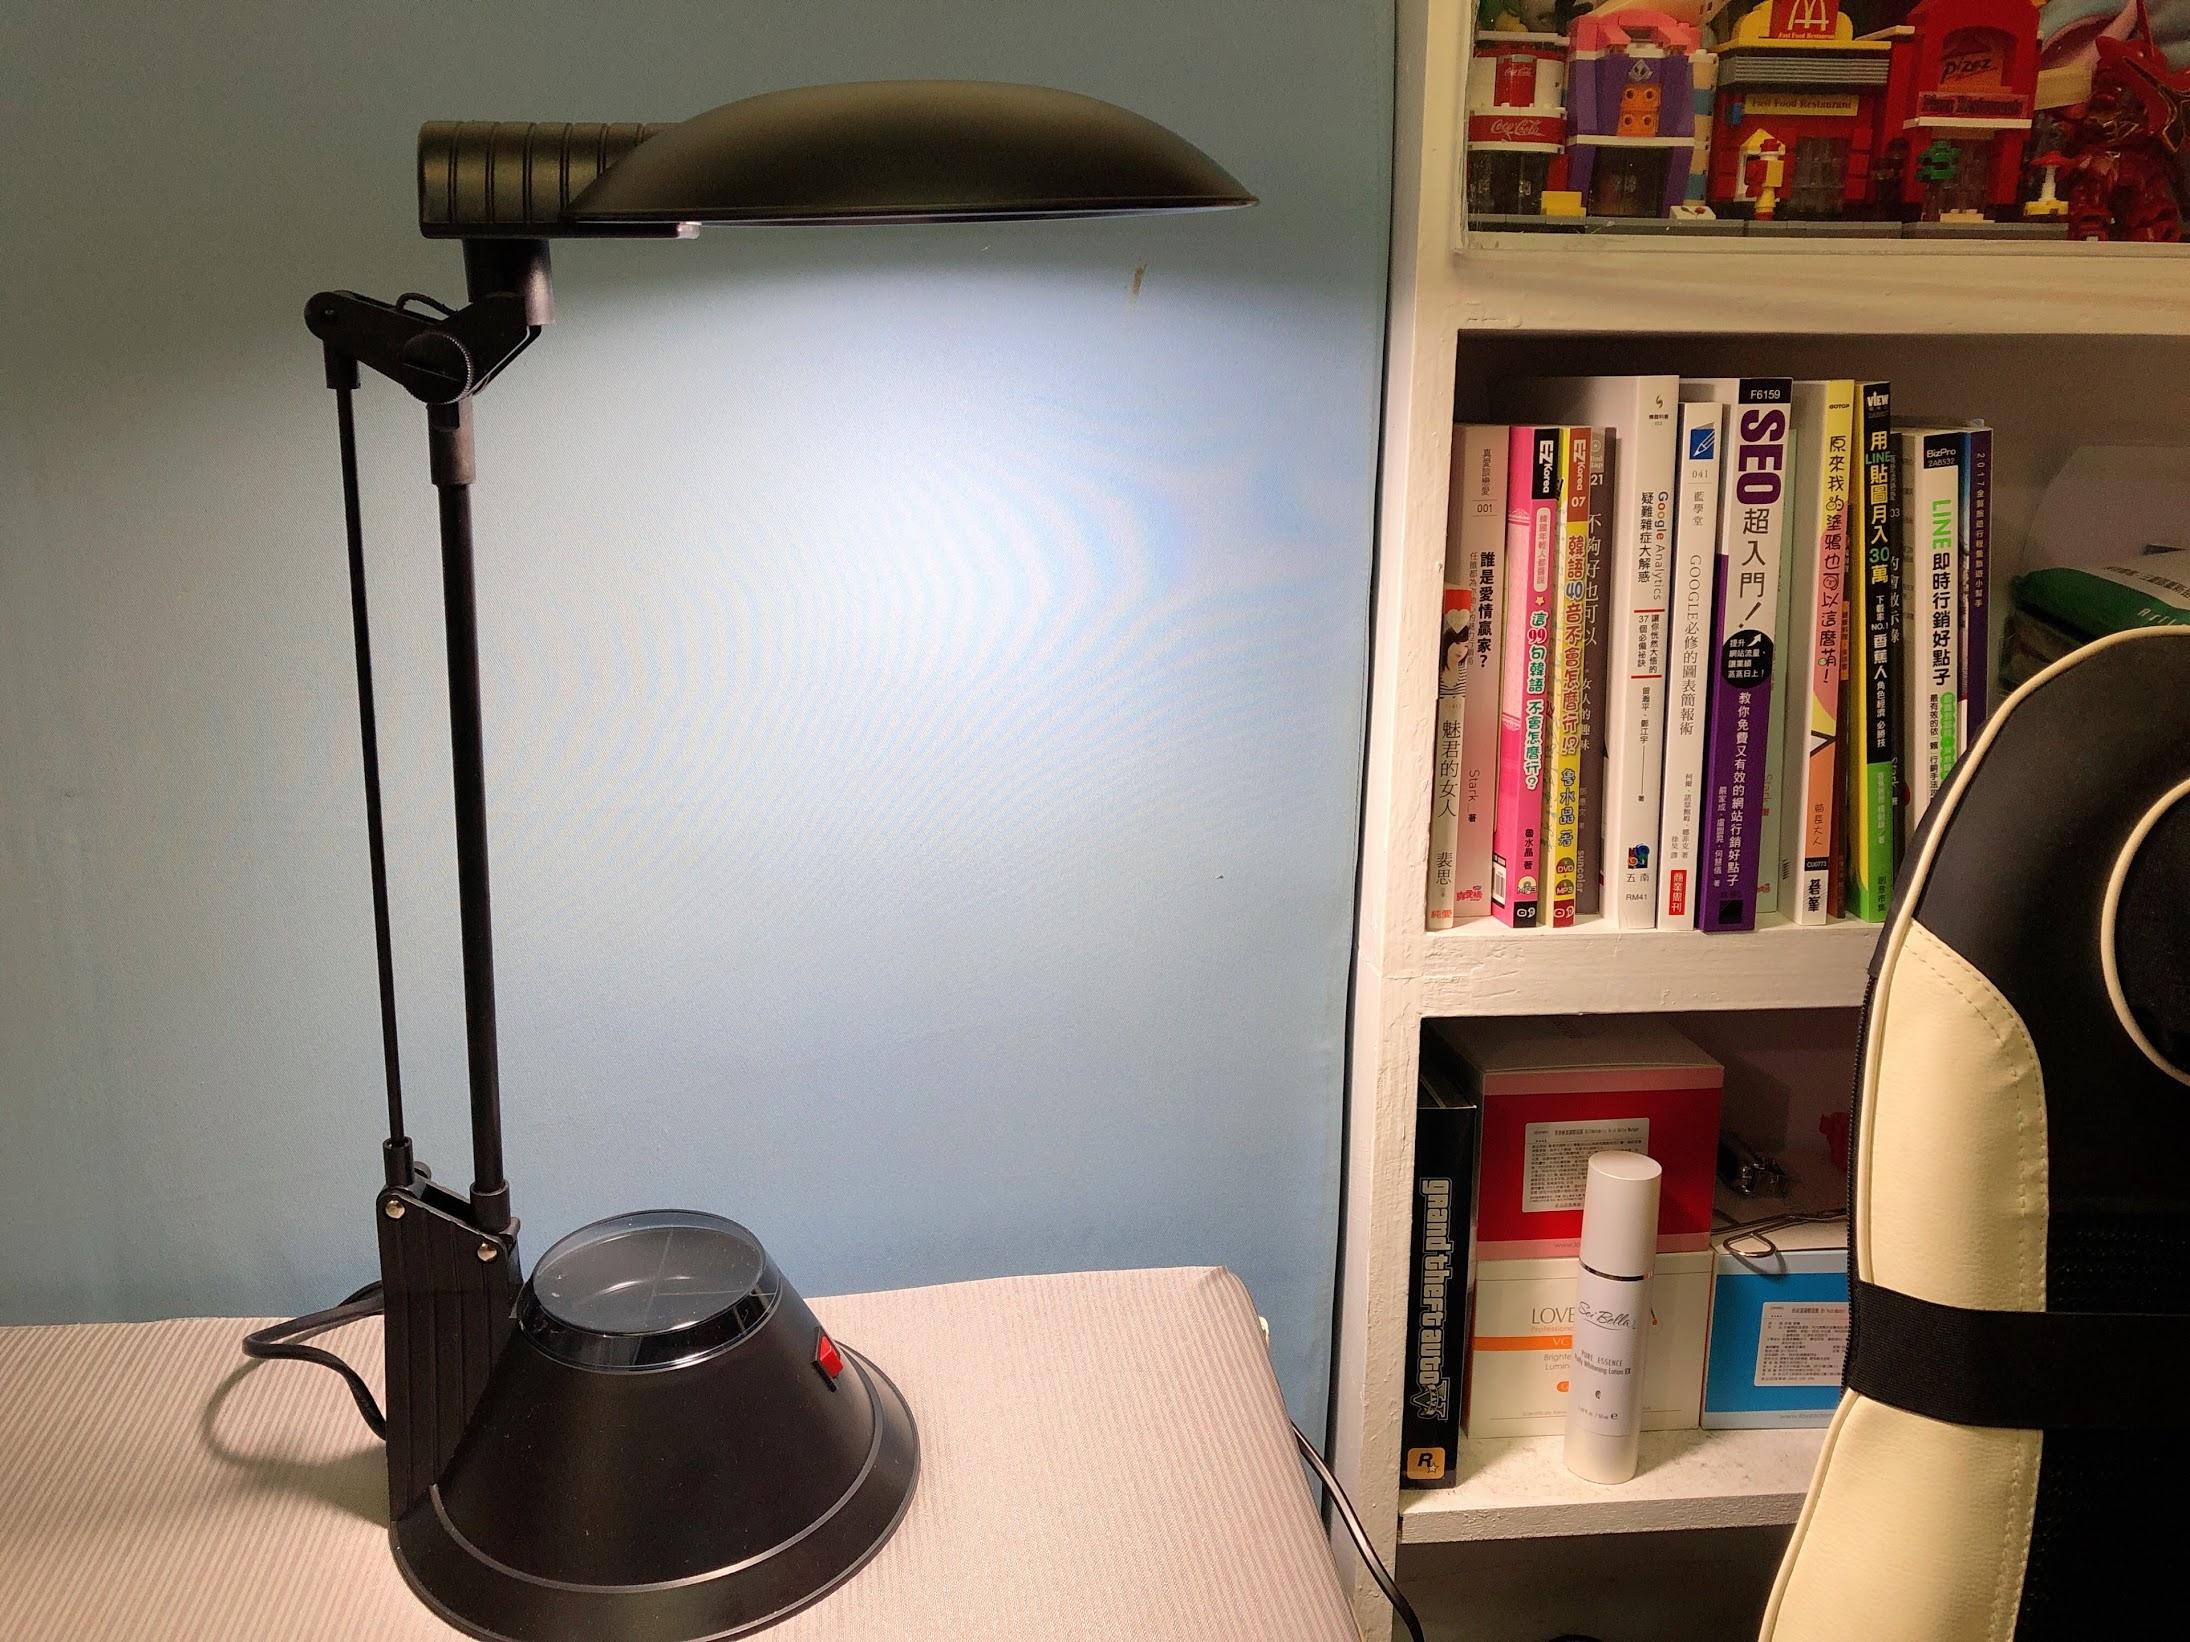 翔耀【ENLight LED檯燈】-亮度可遙控,工業風超節能LED護眼檯燈推薦 @秤瓶樂遊遊